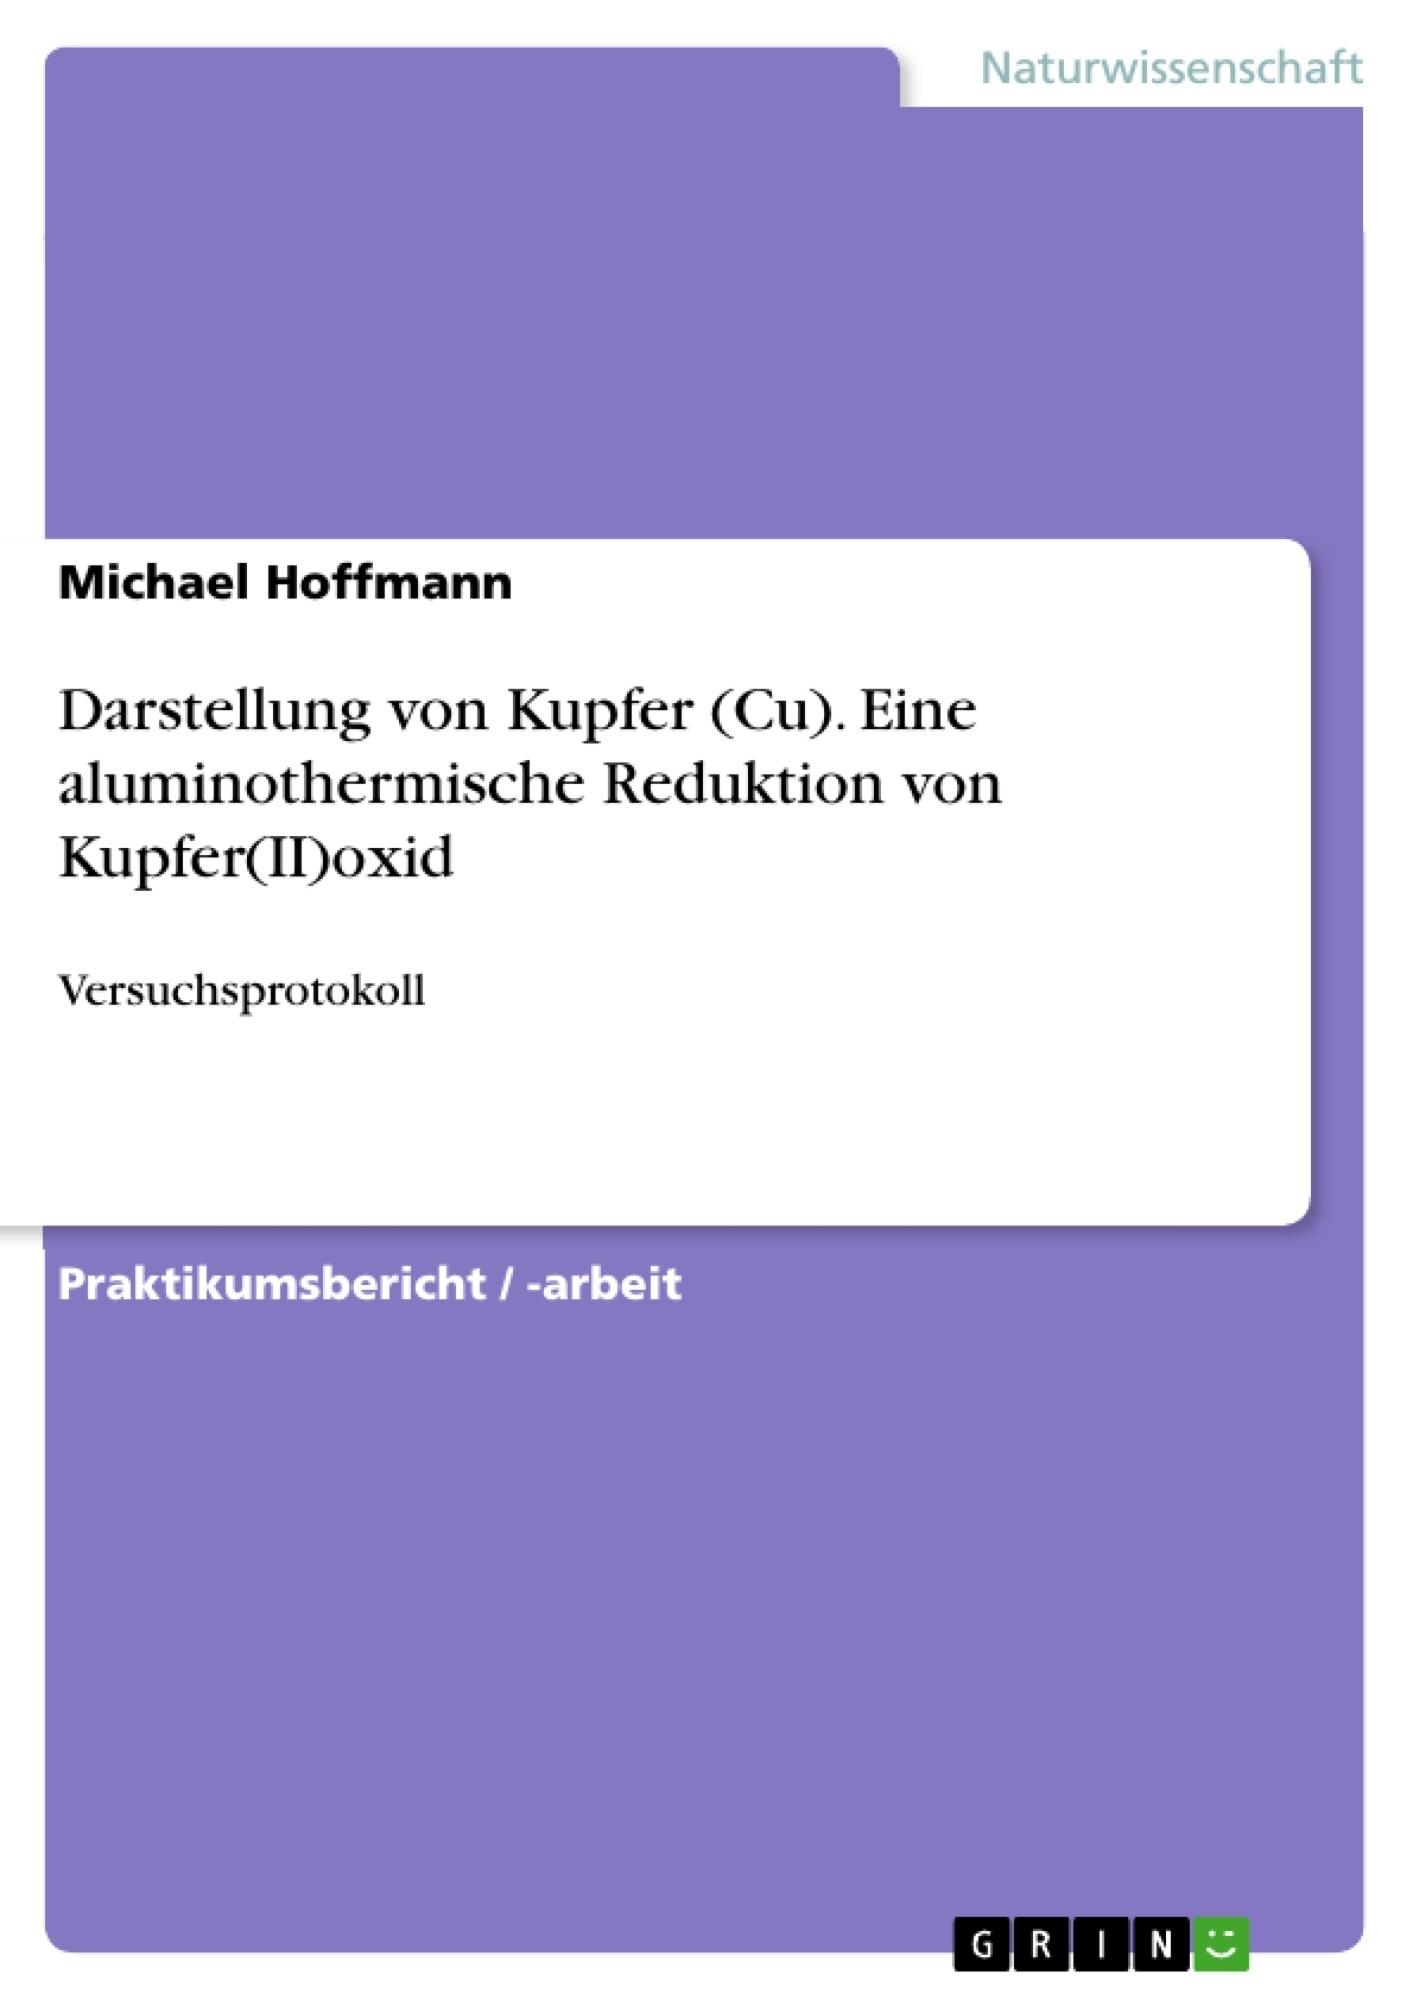 Titel: Darstellung von Kupfer (Cu). Eine aluminothermische Reduktion von Kupfer(II)oxid